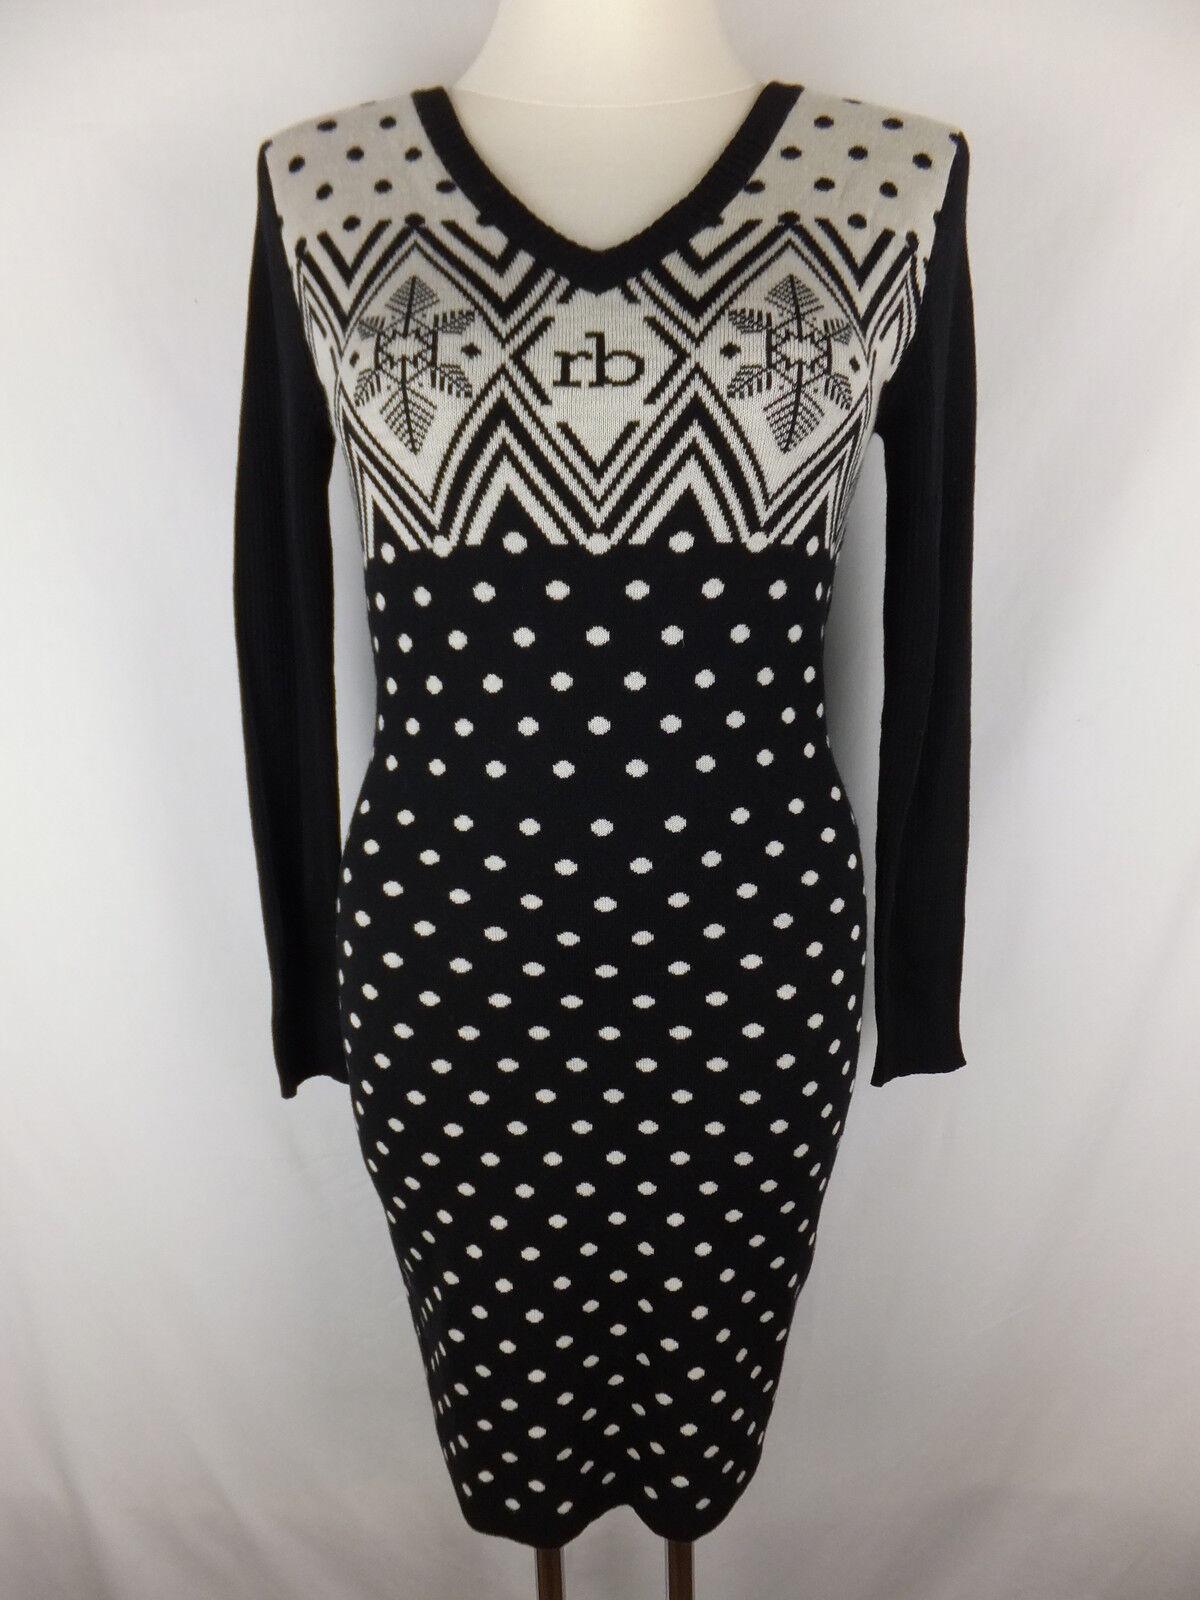 ROCCOBAROCCO Strick Kleid 36 S schwarz creme neu m. Etikett Punkte Schneeflocken